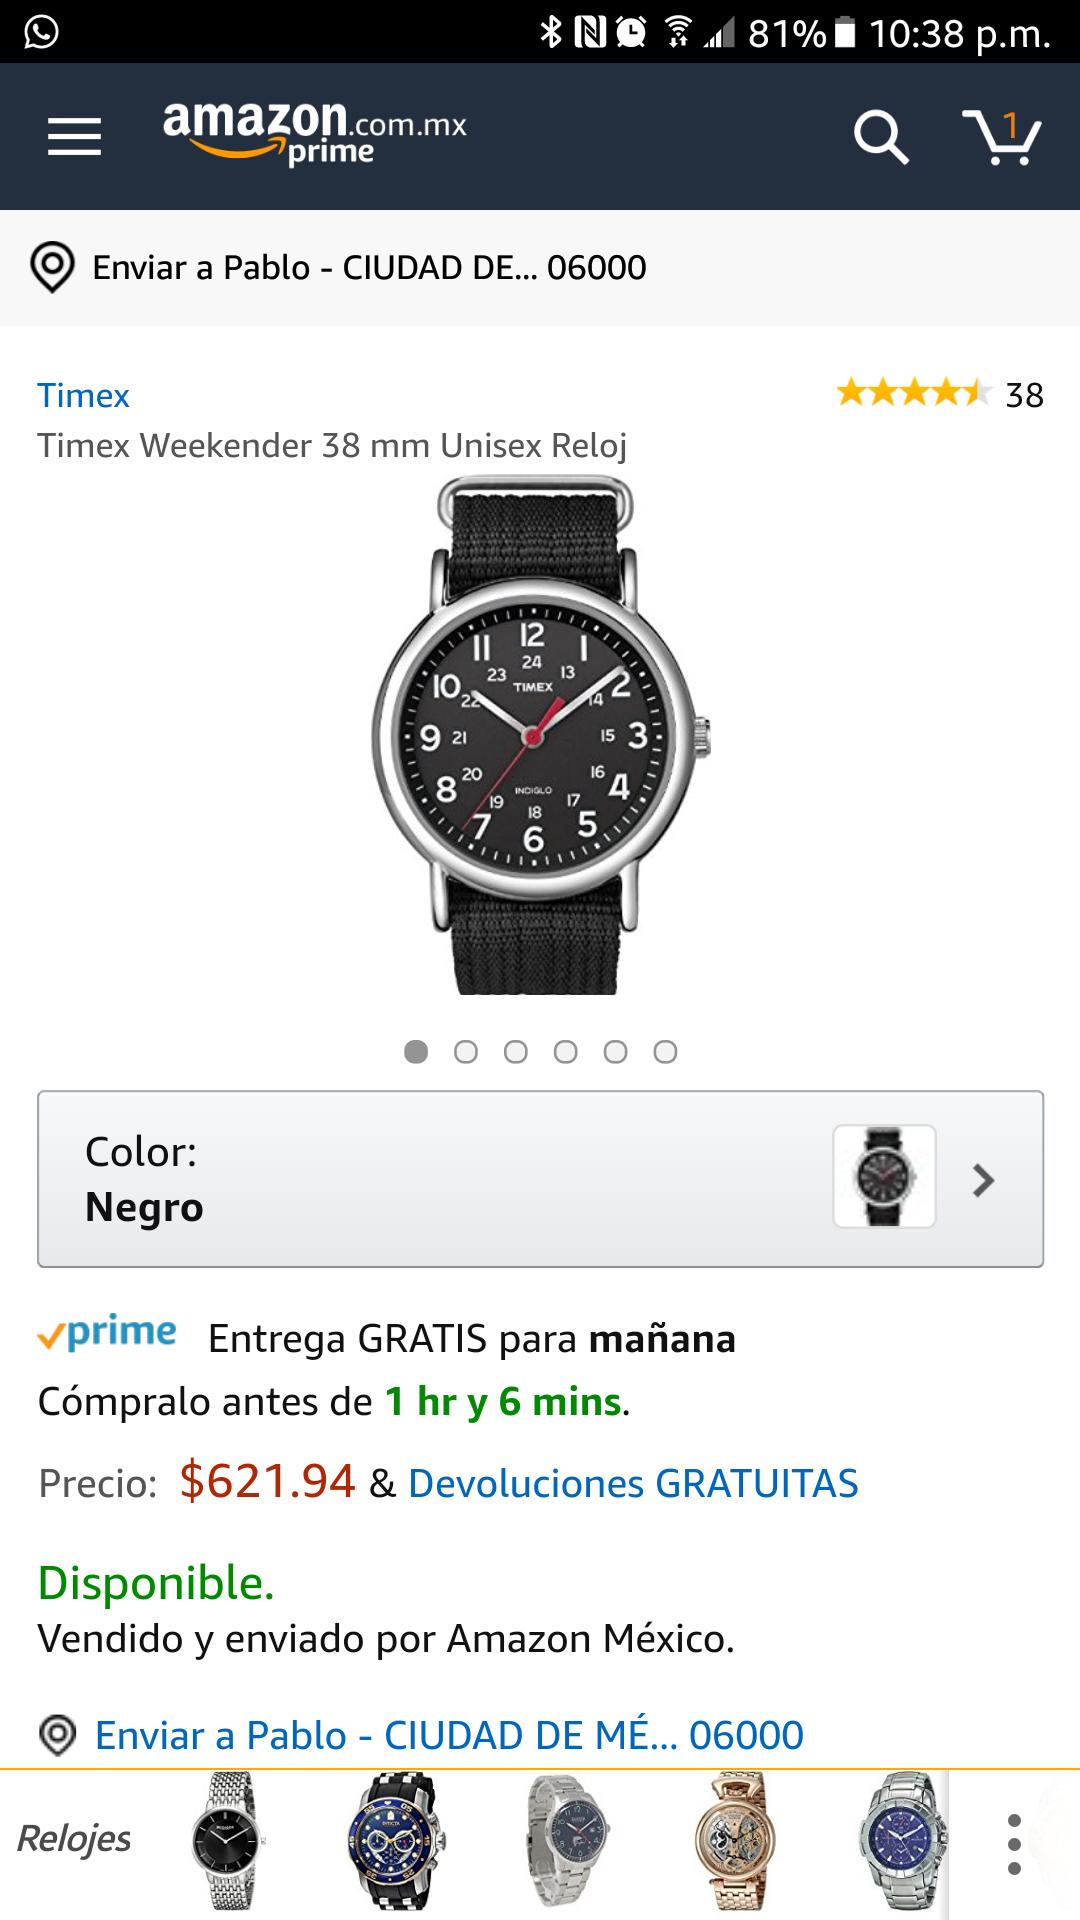 Amazon: Reloj Timex aplica Prime